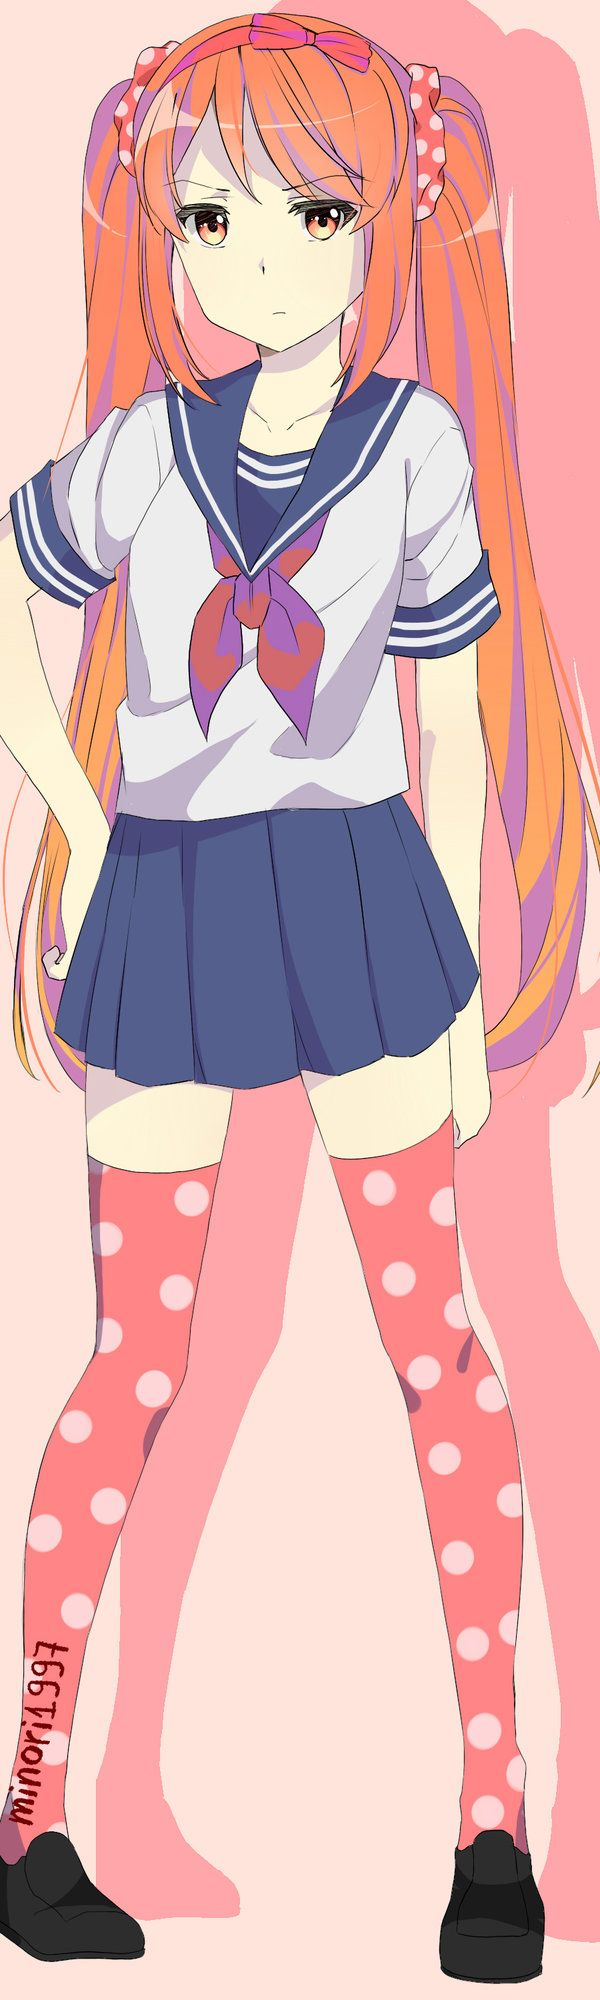 Game development blog yandere classmates anime pinterest nice - Osana Najimi By Minori1997 Yandere Characterstsundereanime Musicyandere Simulatorindie Gamesanime